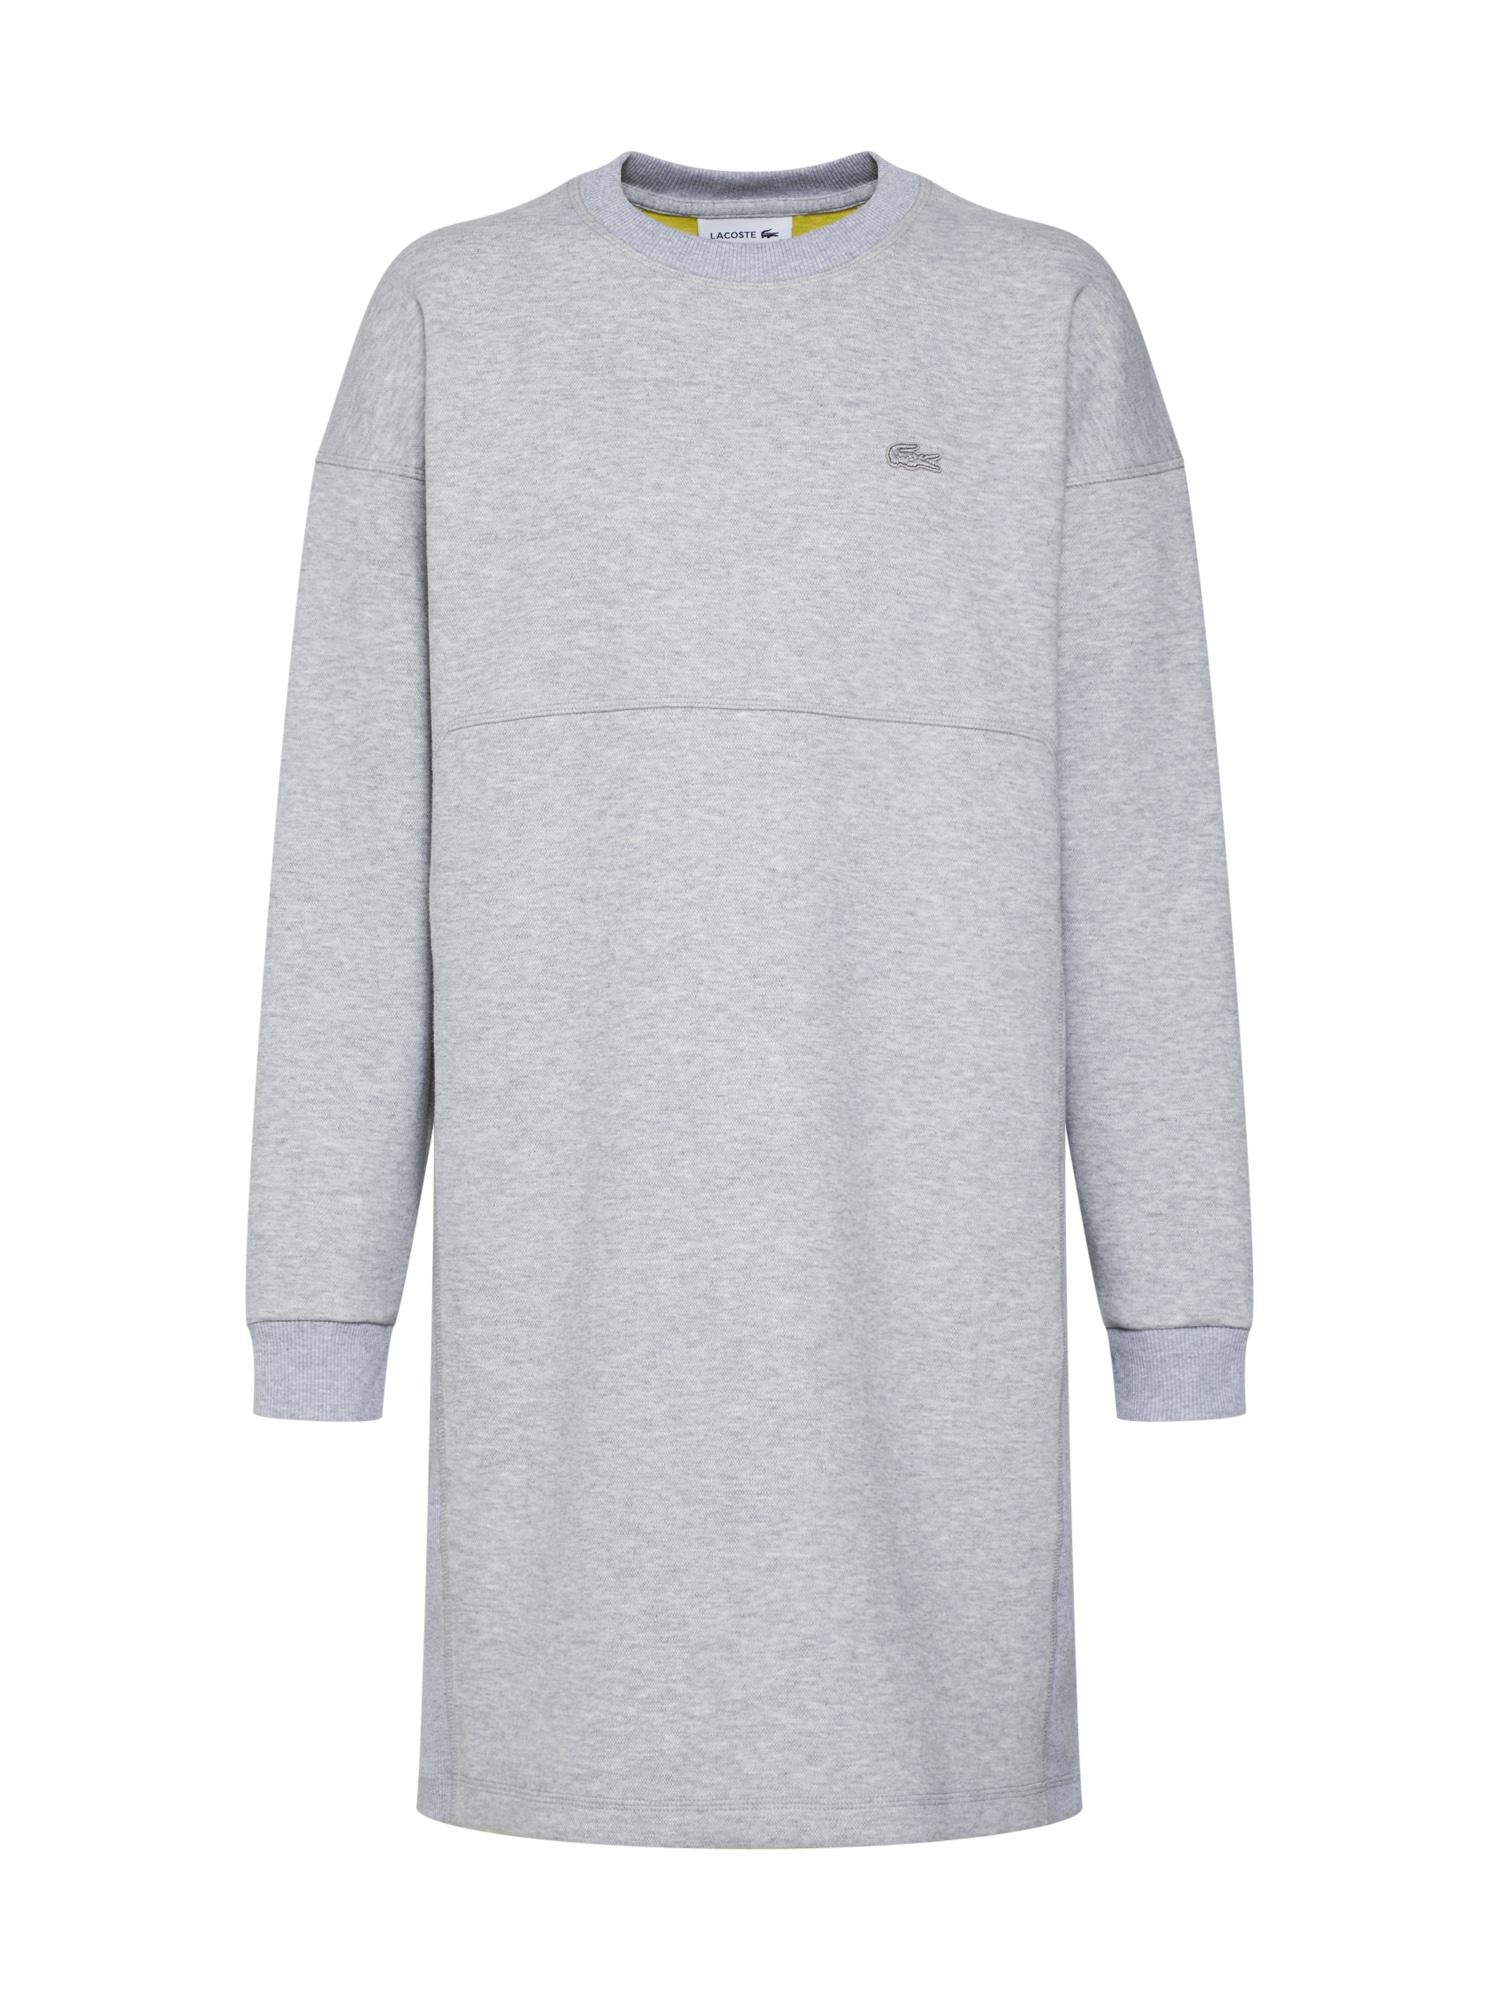 Šaty ROBE šedý melír LACOSTE